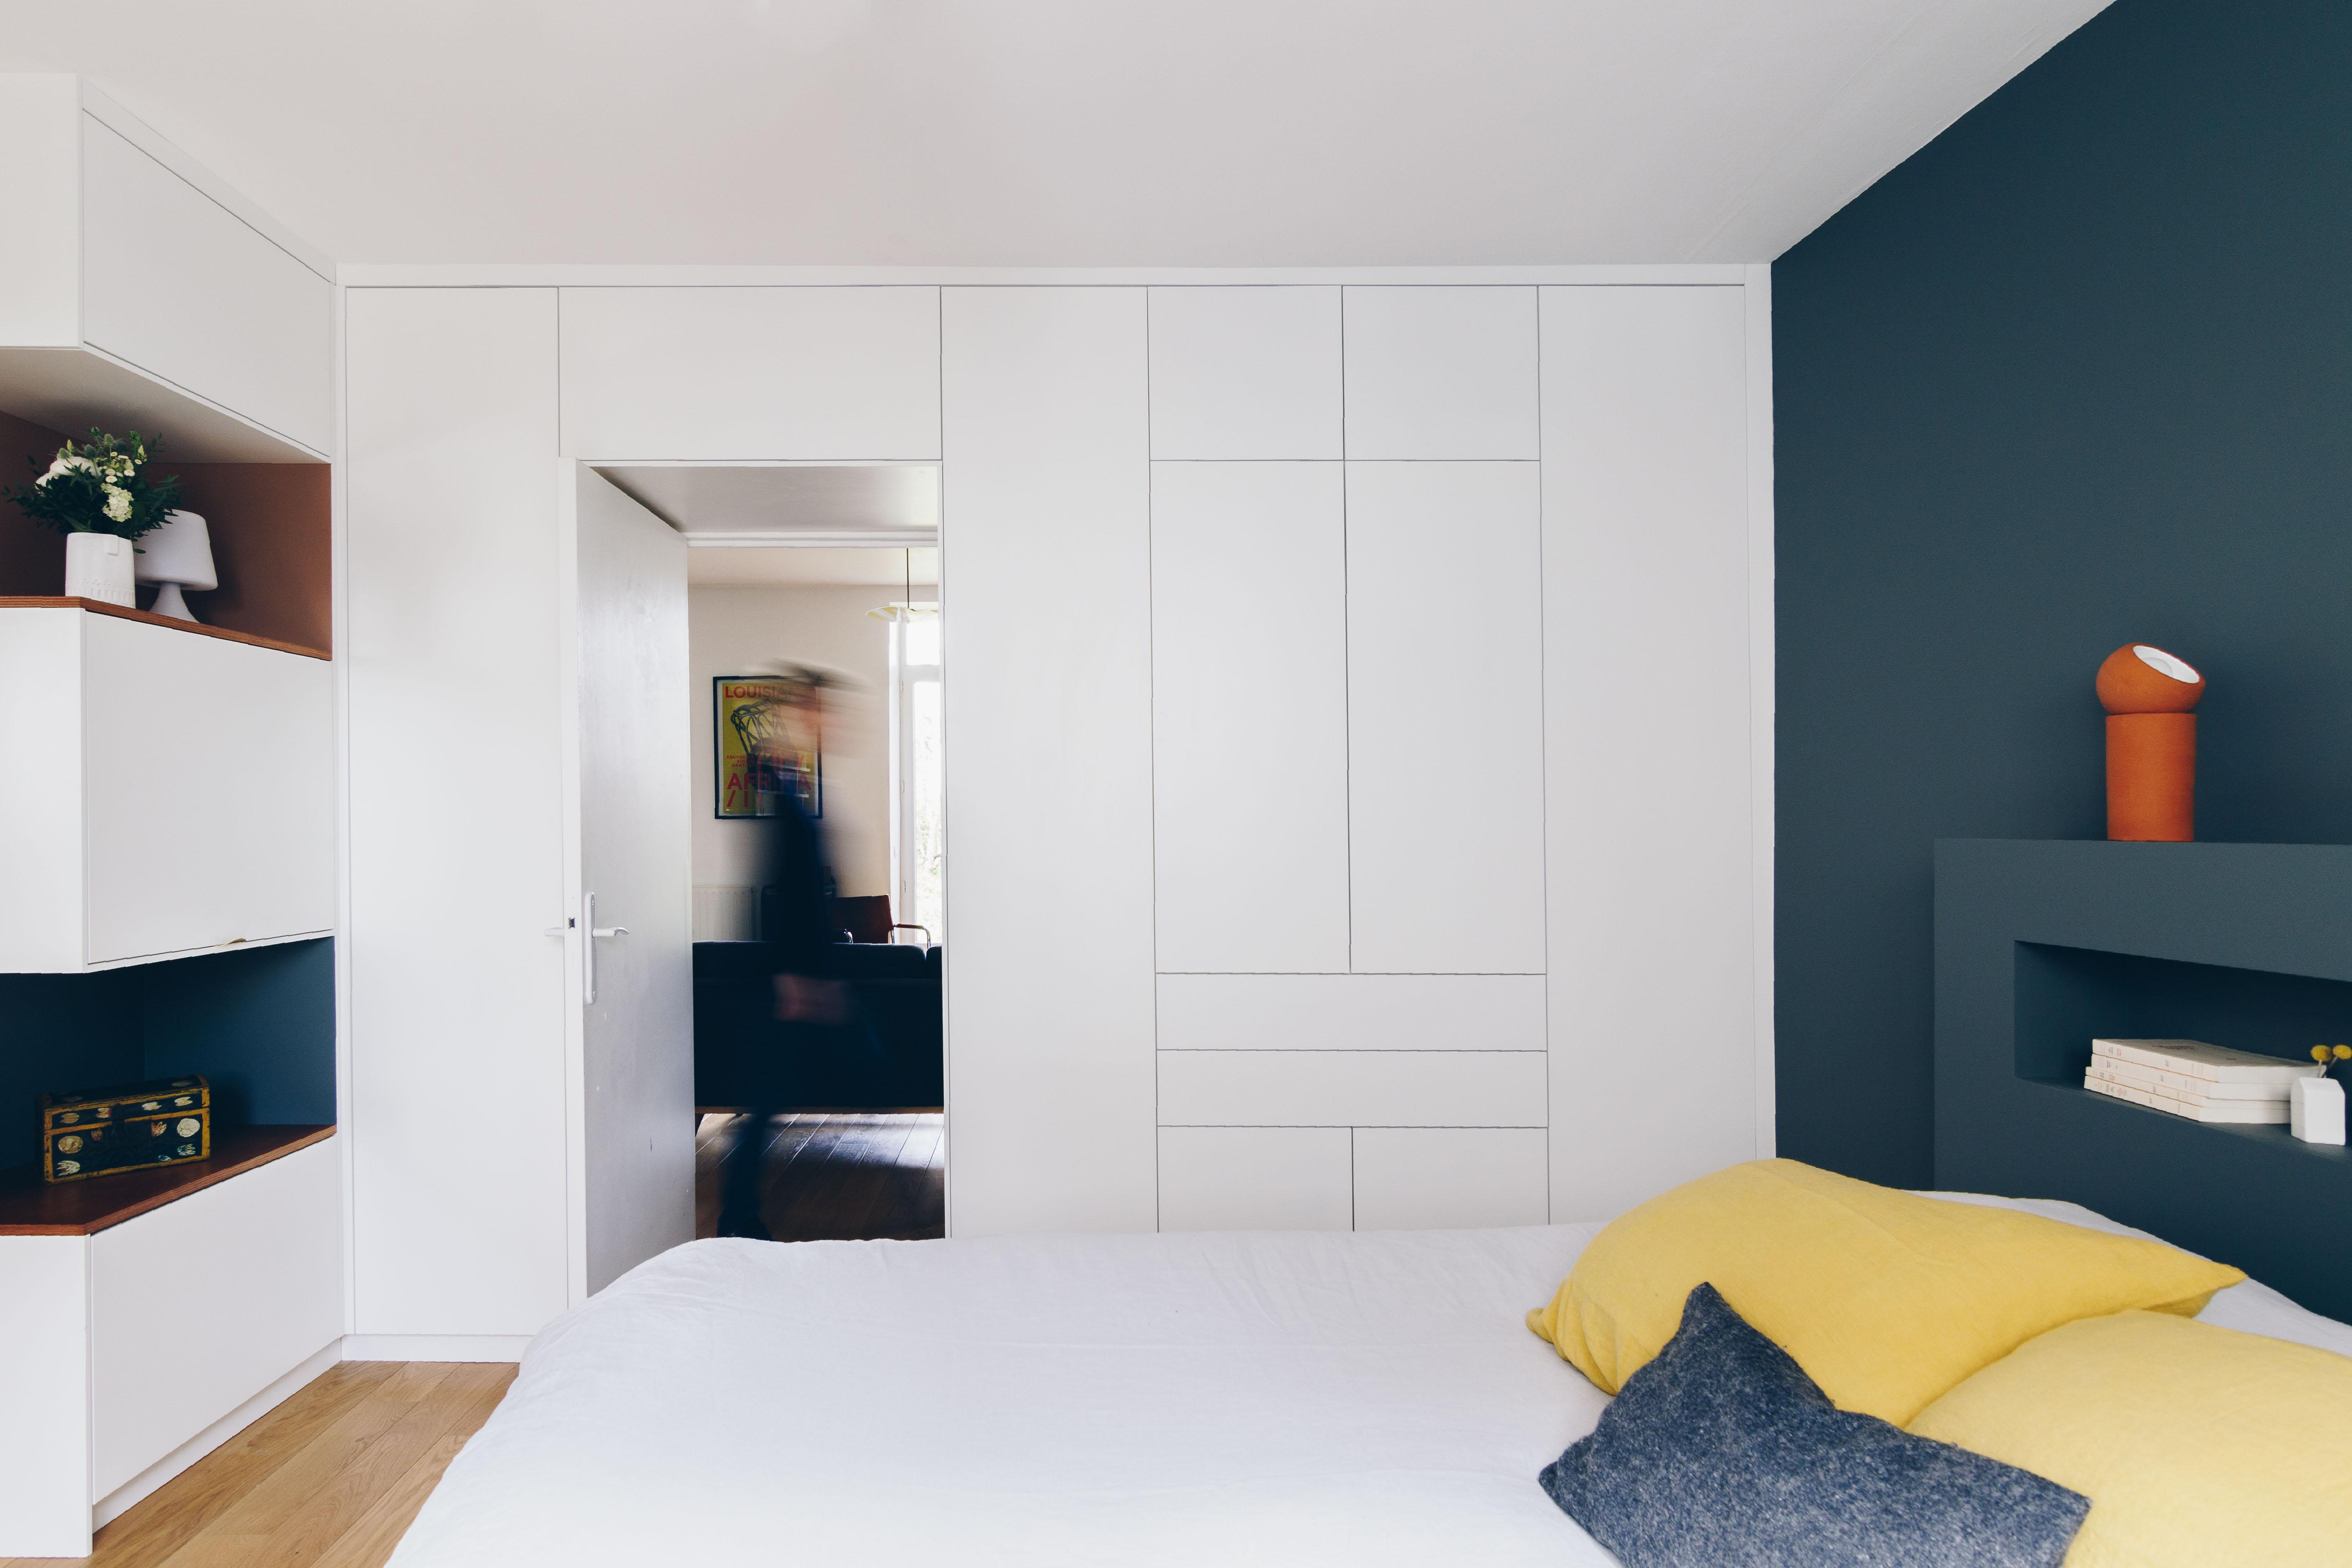 http://a-pithoisguillou.fr/agencement-et-decoration-dun-duplex/